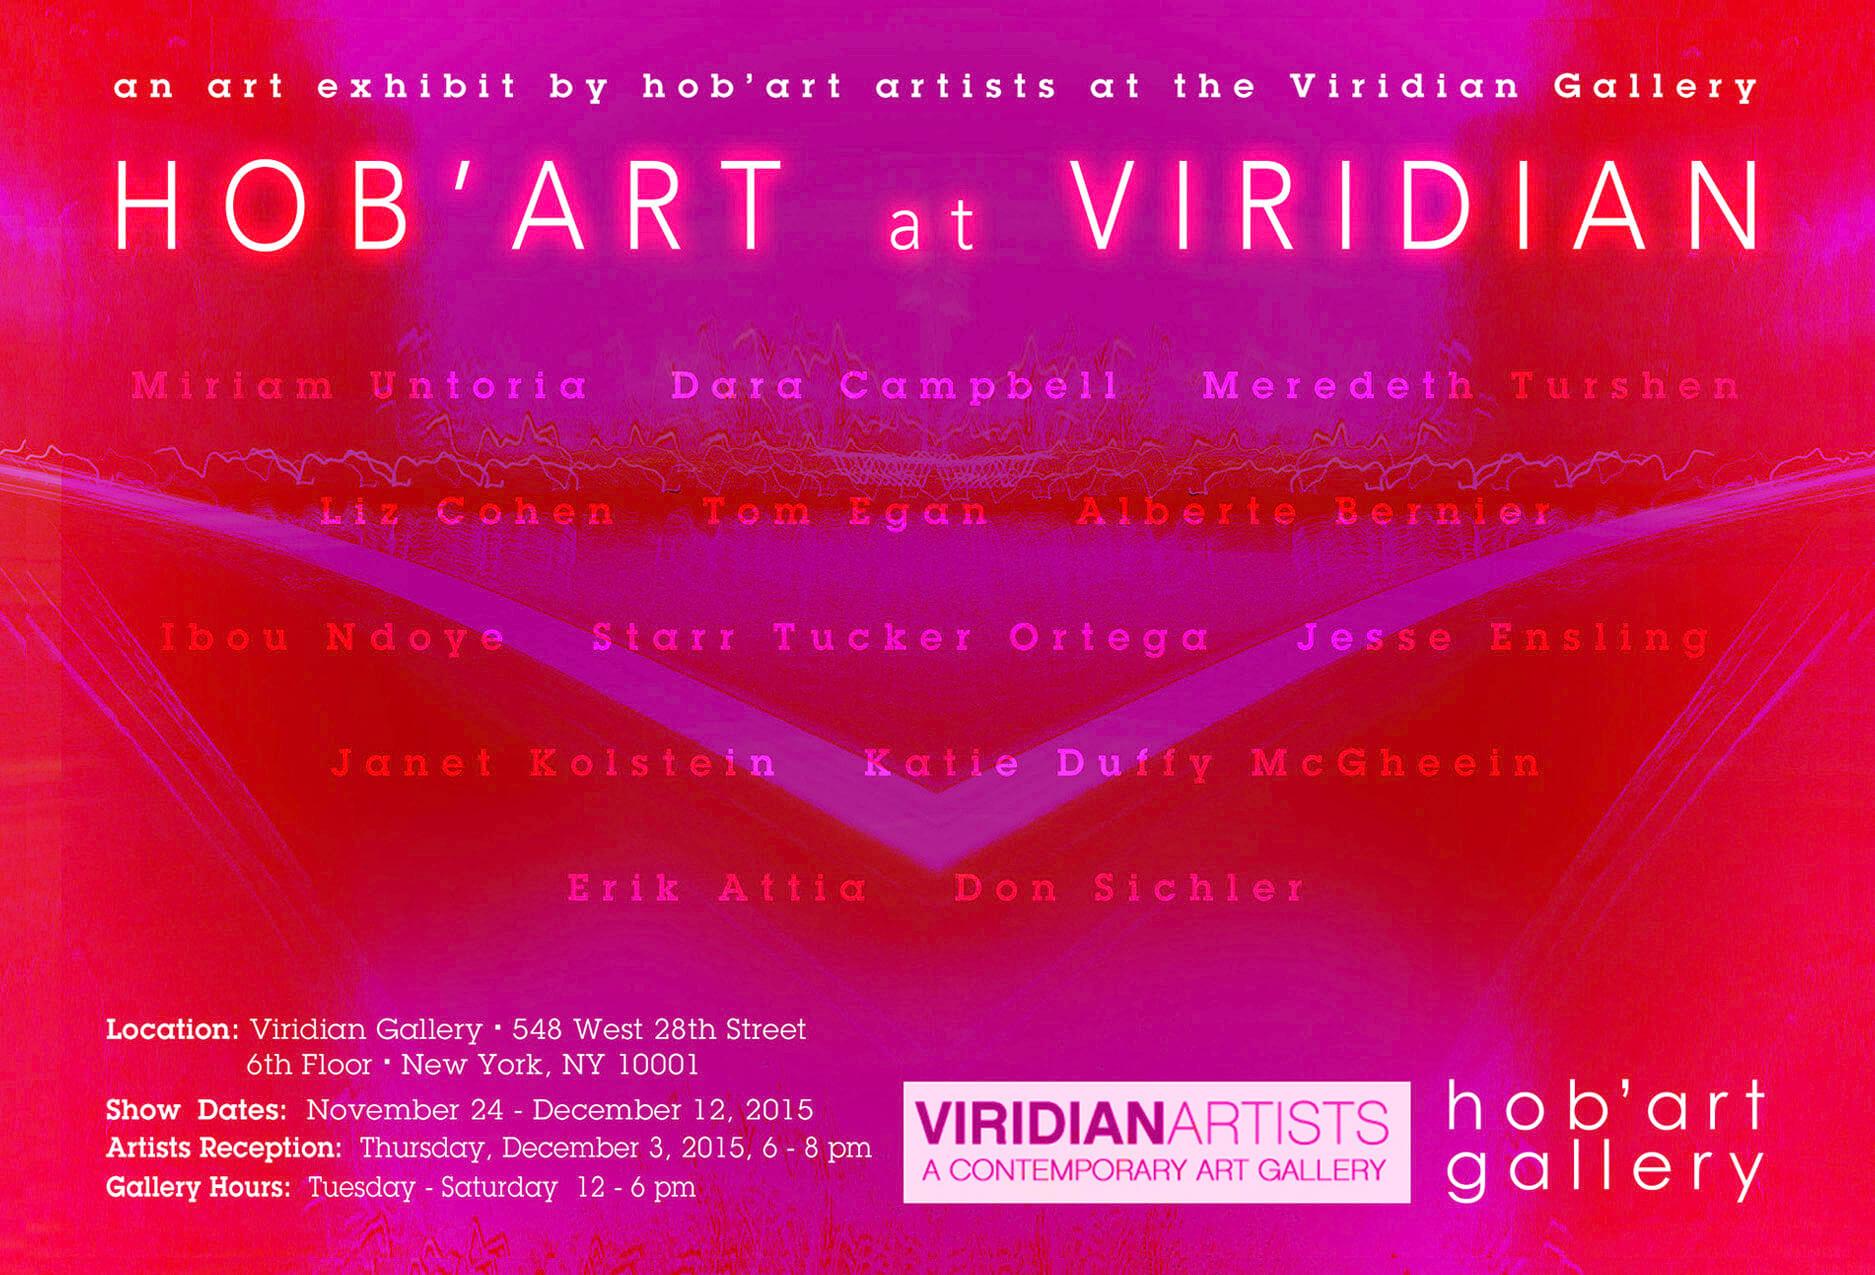 hob'art @ VIRIDIAN Exhibit – Hob'Art Artists